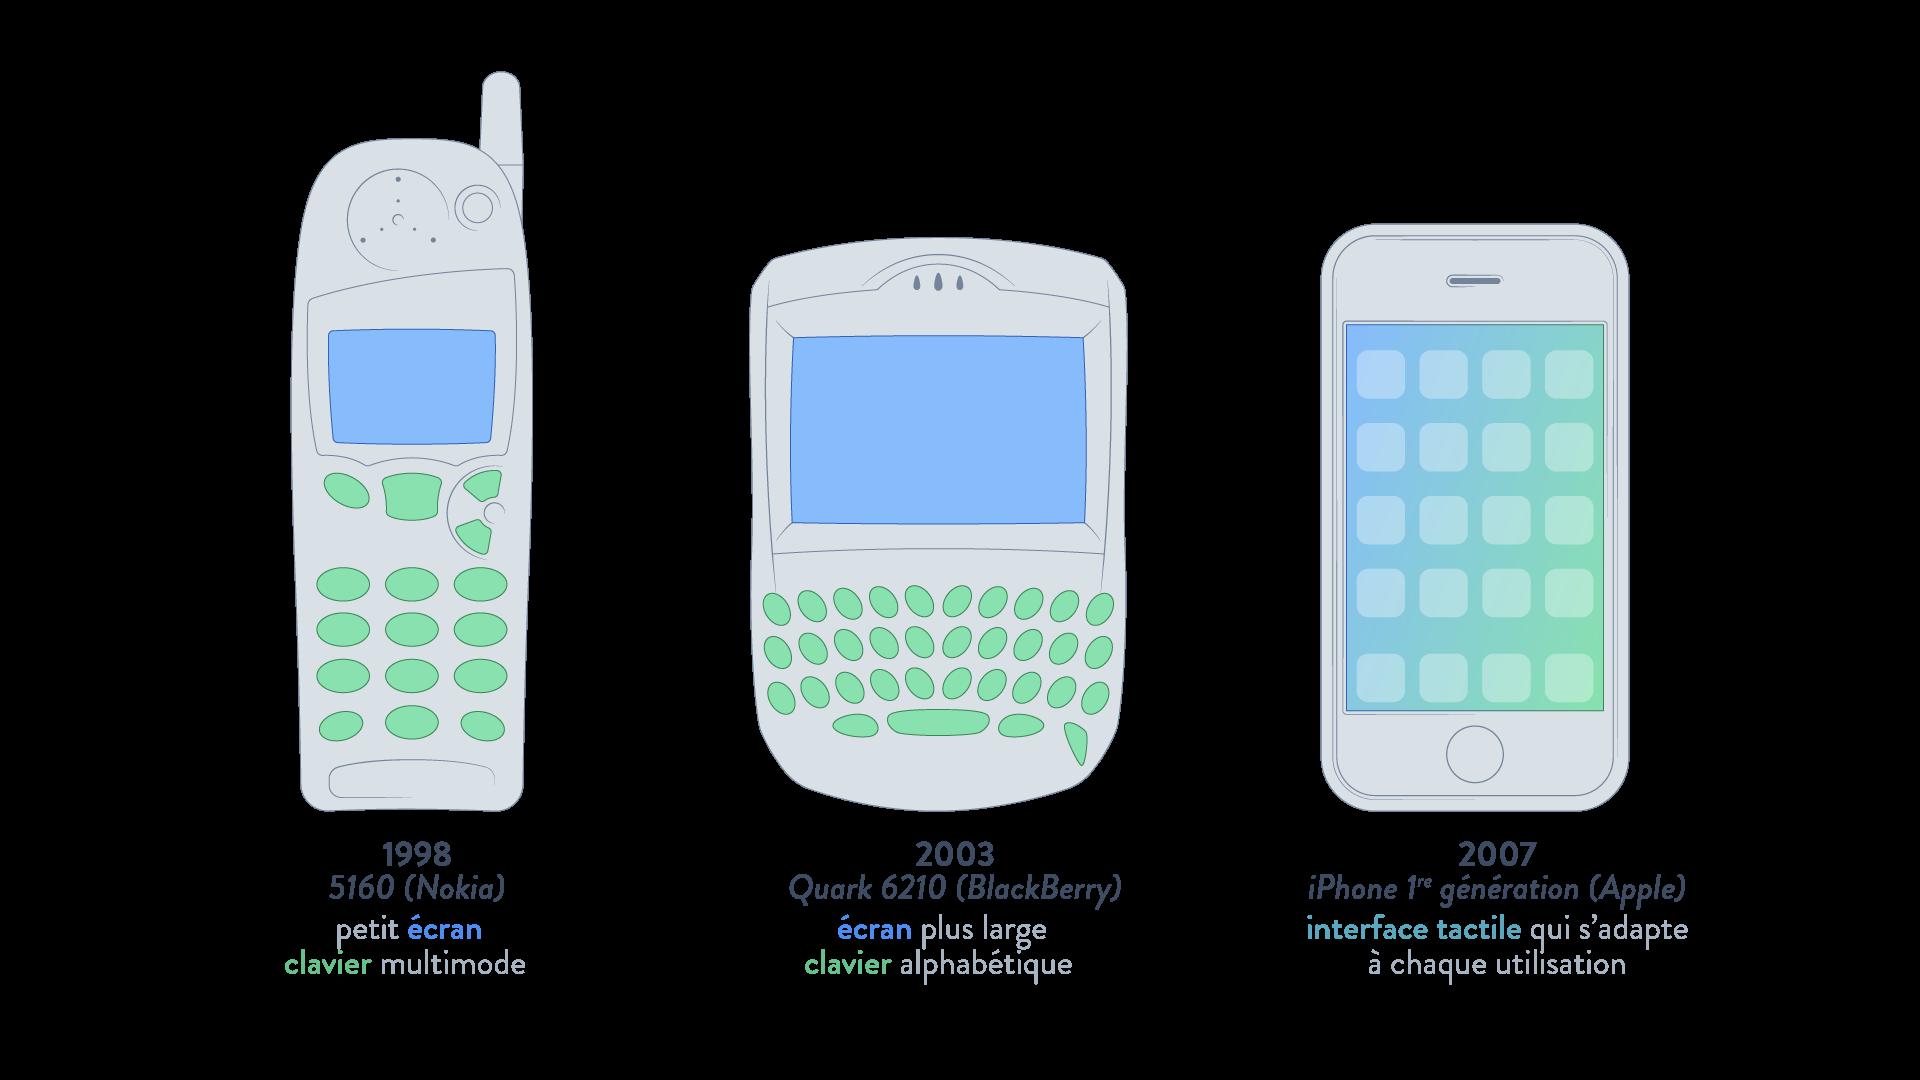 évolution de l'interface des téléphones portables écran clavier sciences numériques et technologie seconde